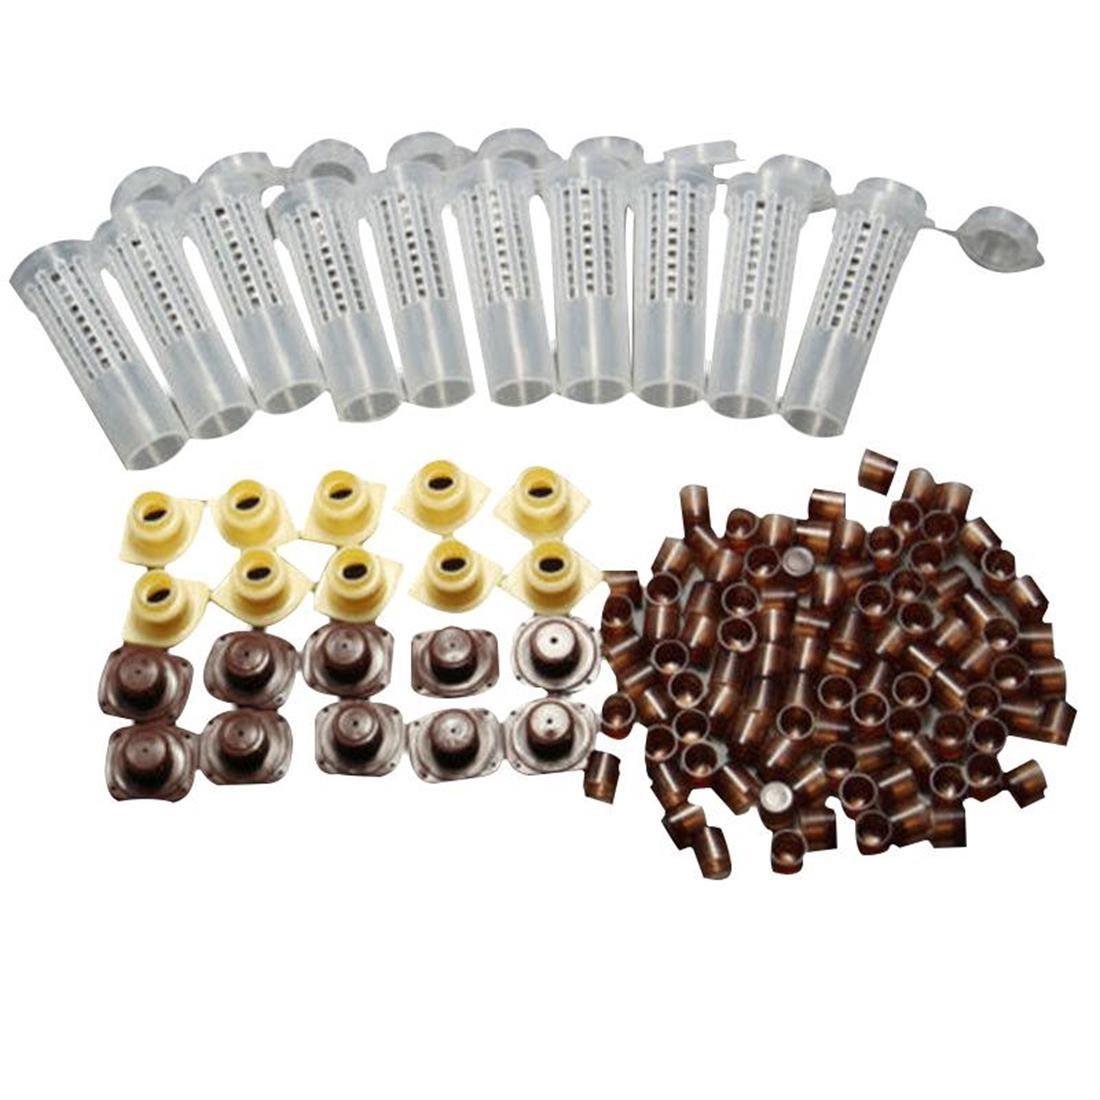 Cl/é universelle /à filtre /à huile carr/é femelle 1//2 Bgs 8395 /Ø 60-80 mm